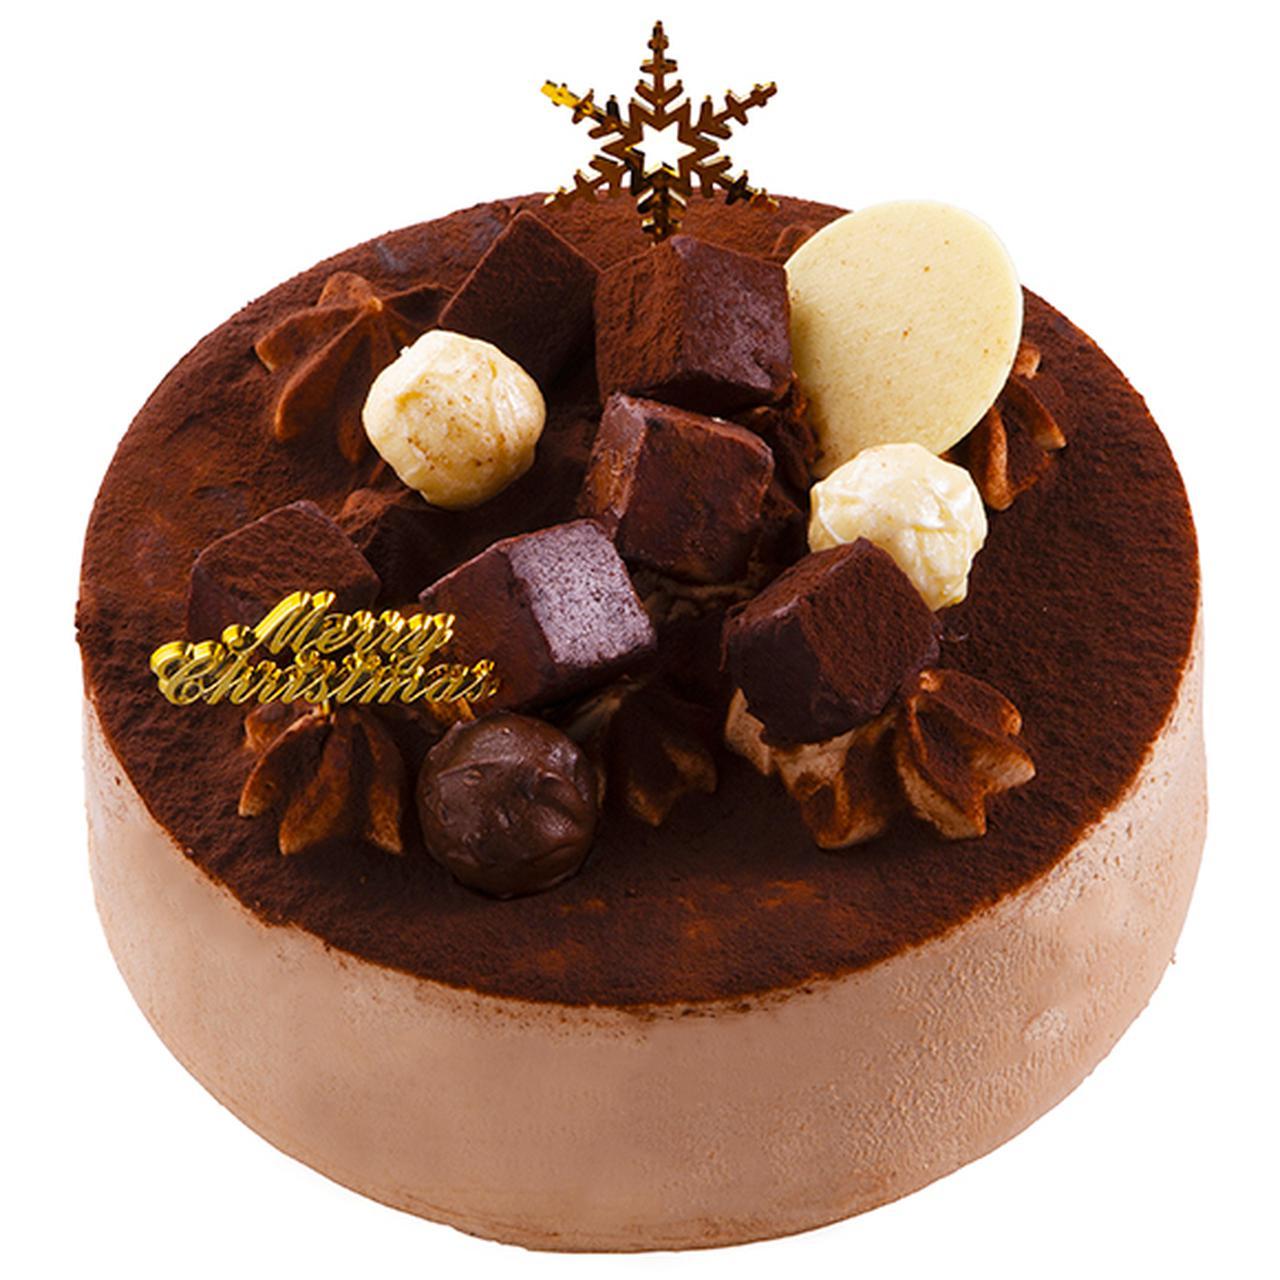 画像: ベルギー産クーベルチュールチョコレート使用 www2.chateraise.co.jp